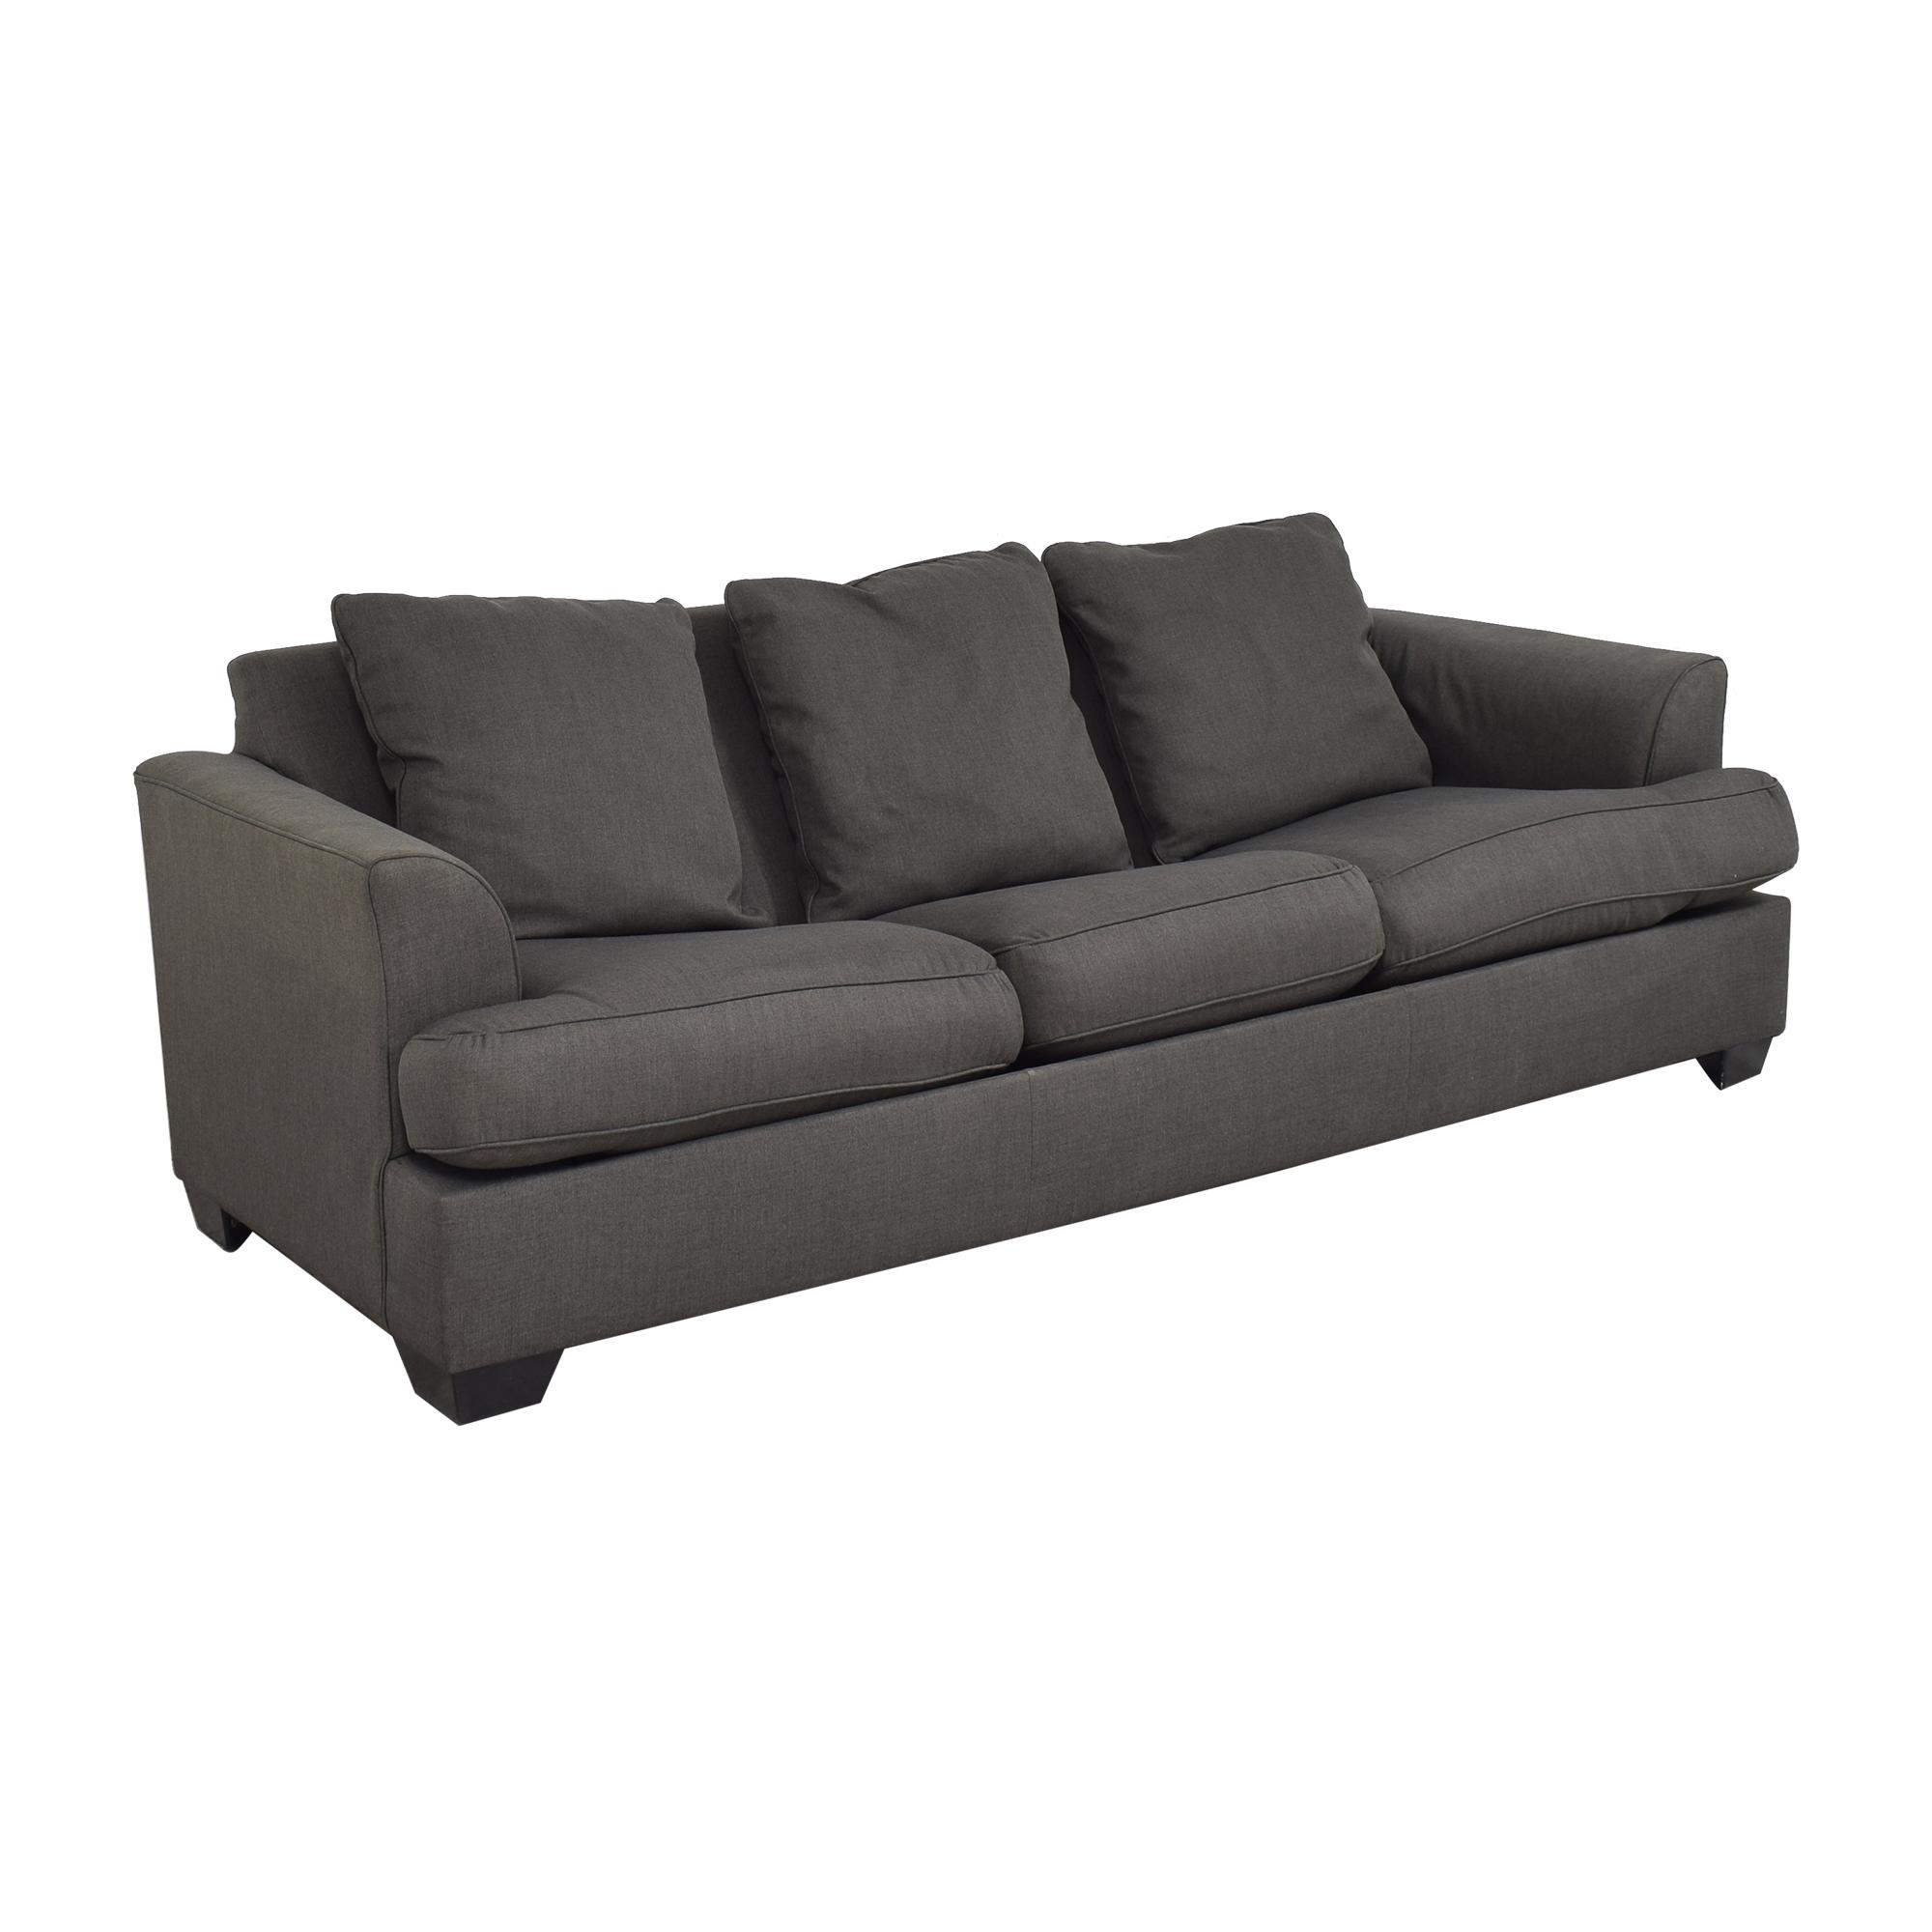 shop Three Cushion Sleeper Sofa